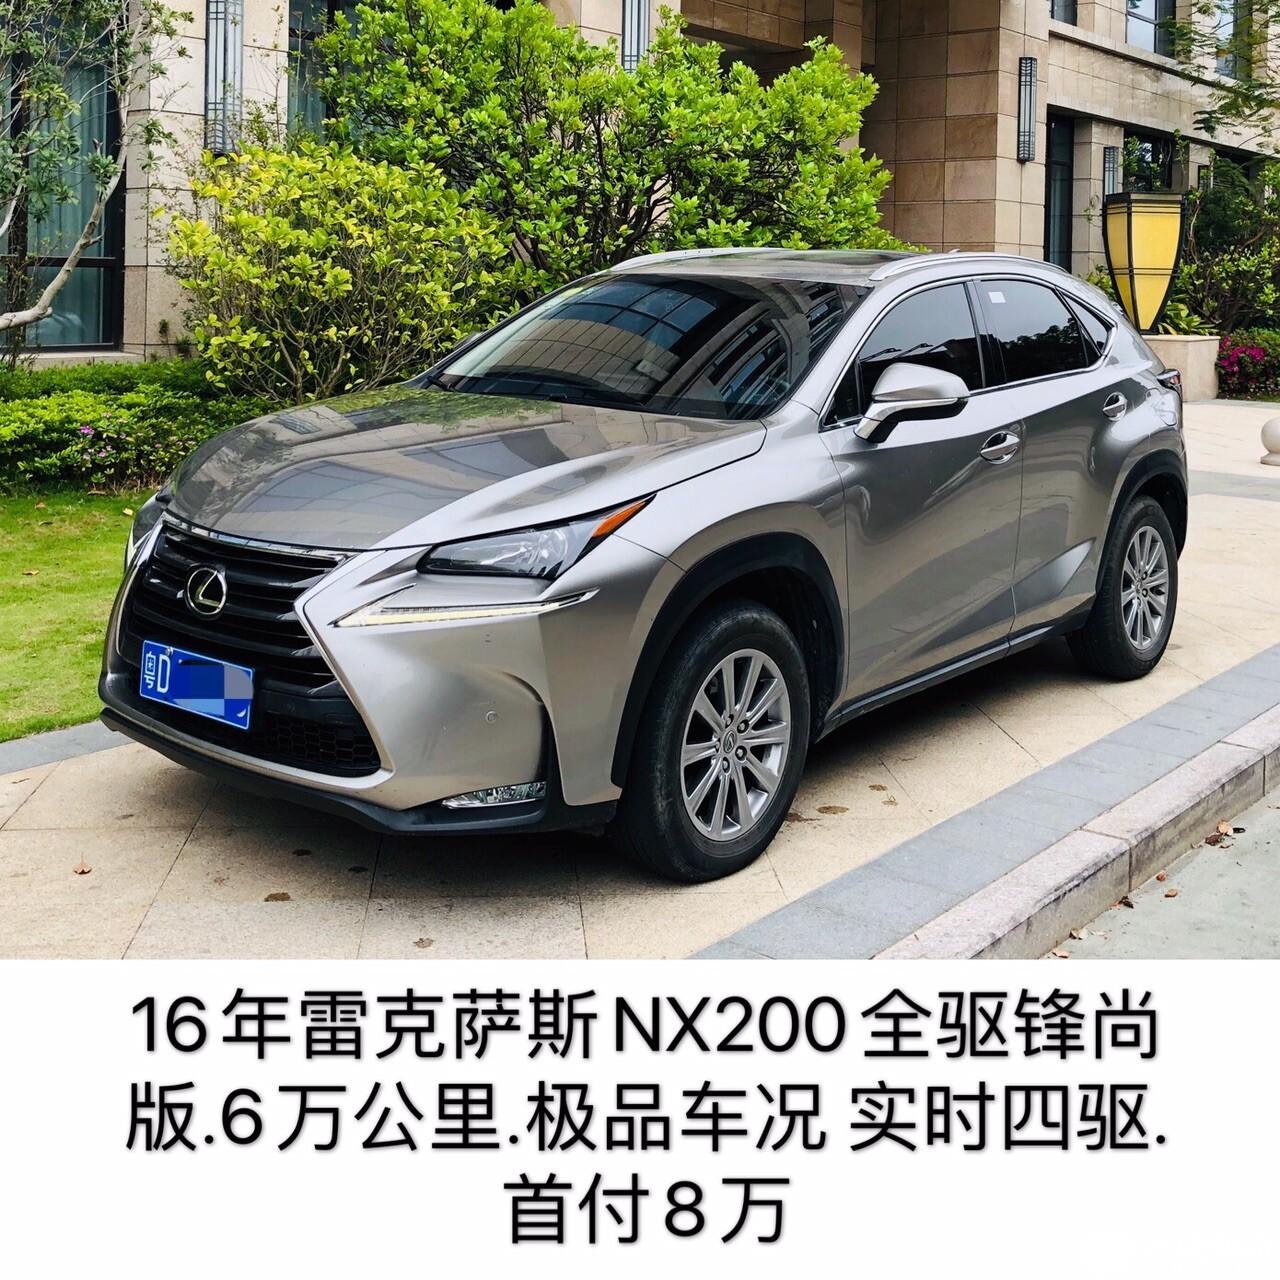 16年NX200首付8万